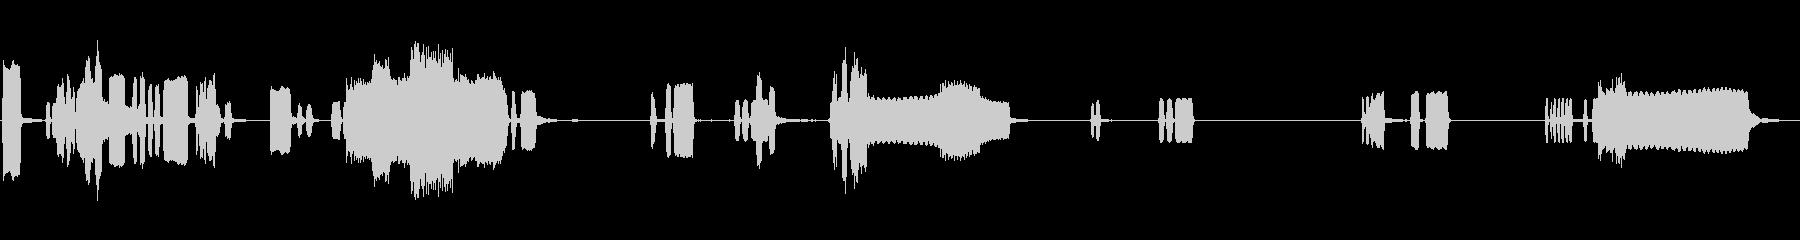 トラフィックジャムホーンズミックスの未再生の波形